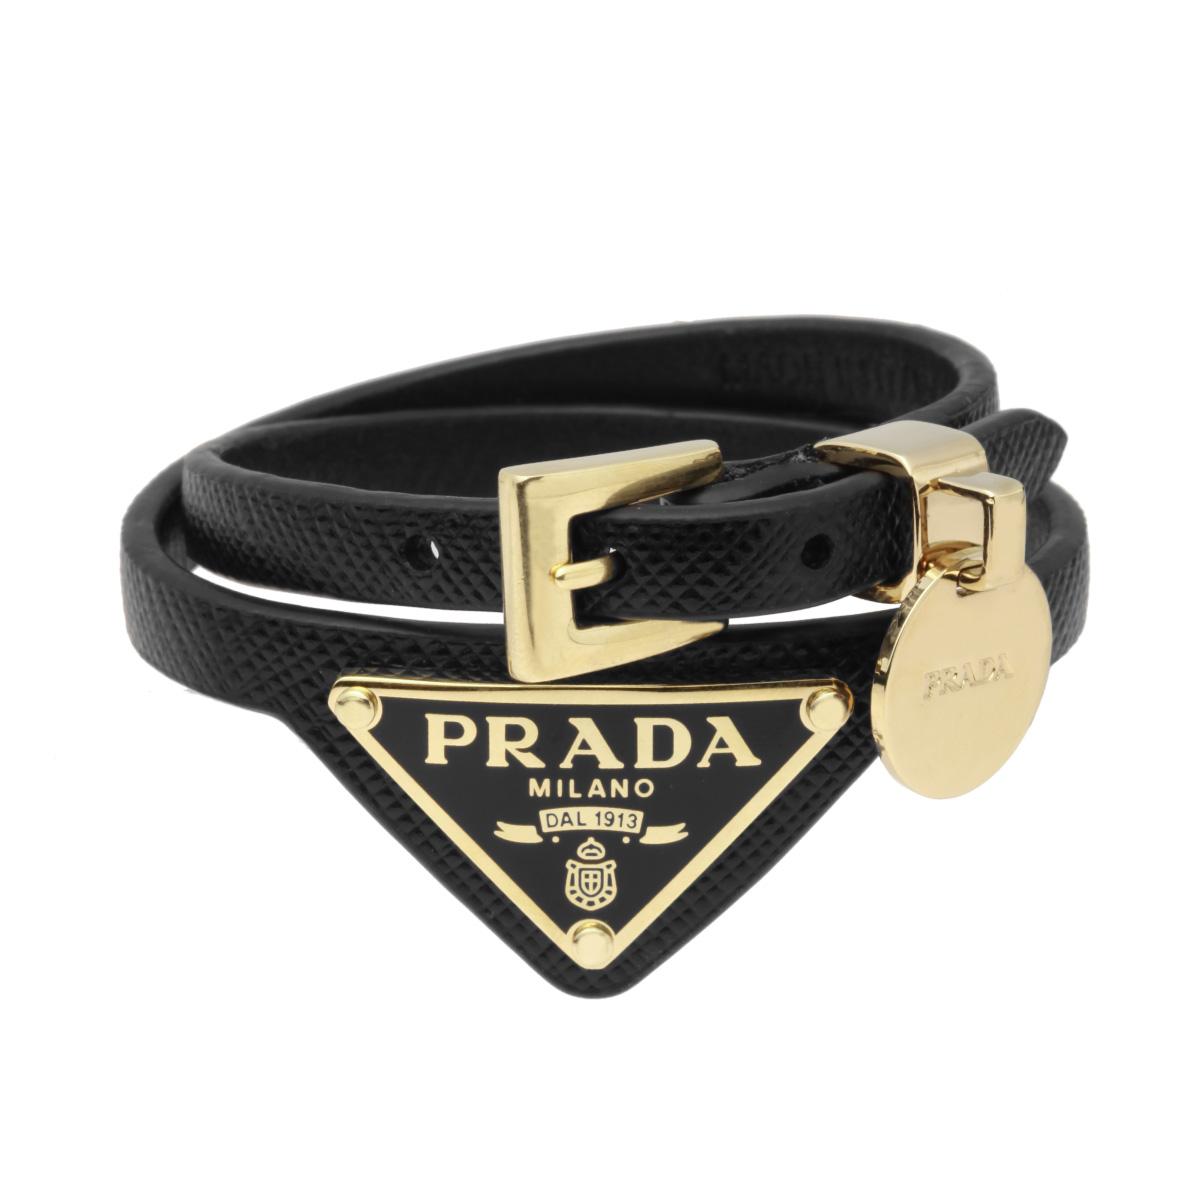 プラダ PRADA アクセサリー レディース 1IB312 053 F0002 ブレスレット SAFFIANO NERO ブラック